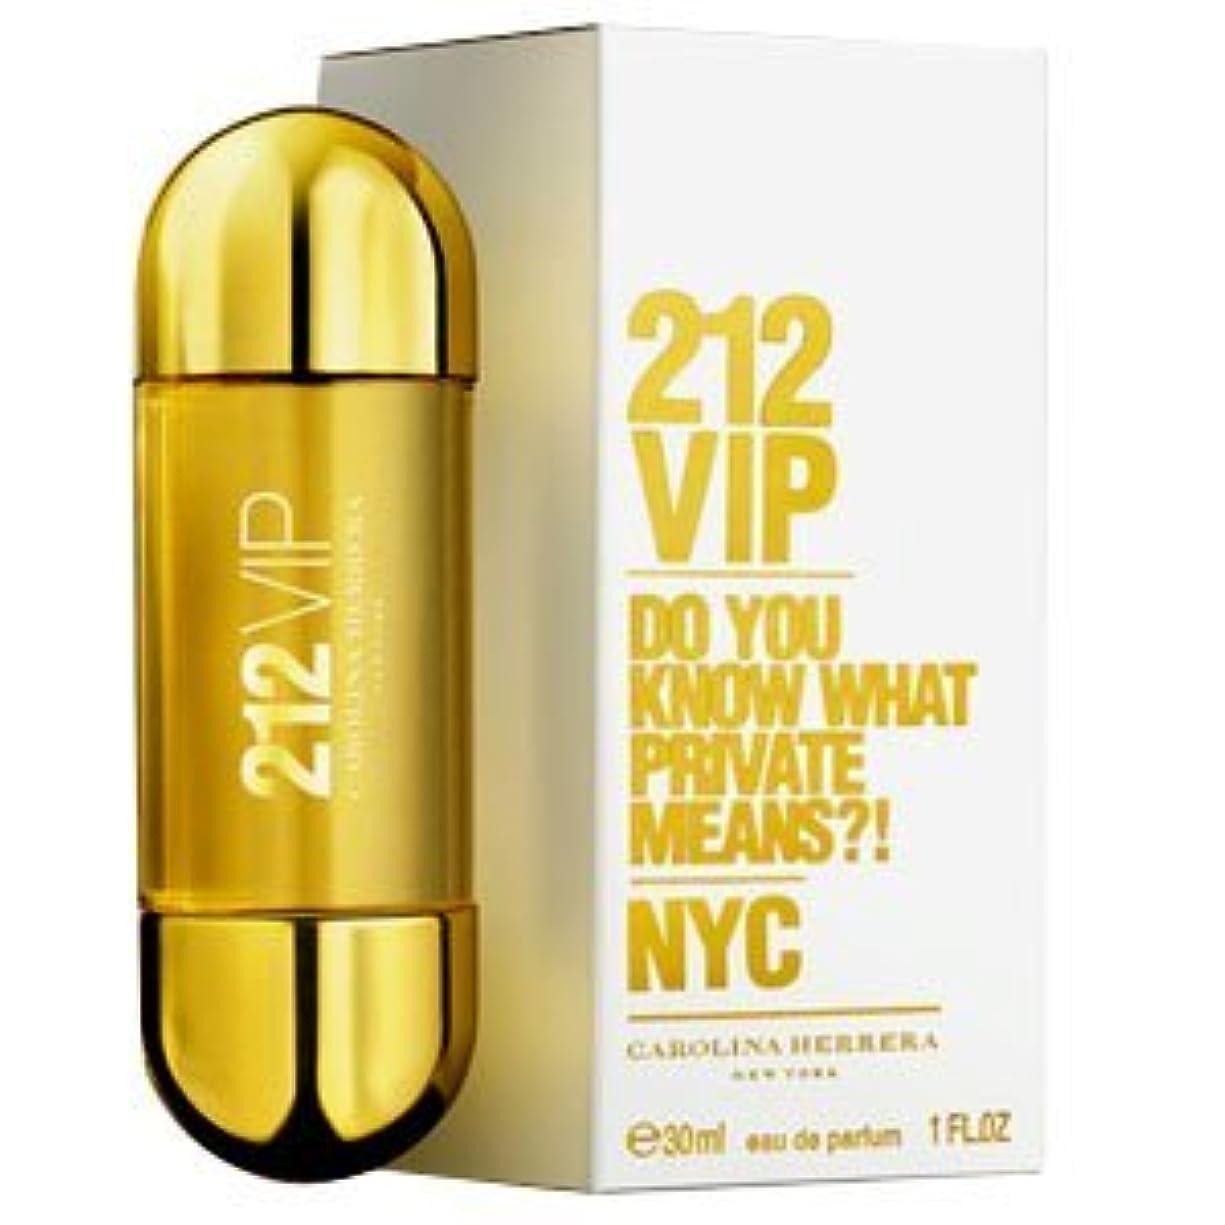 キャベツ中国激怒キャロライナ ヘレラ 香水 212VIP EP 30ml SP 【並行輸入品】